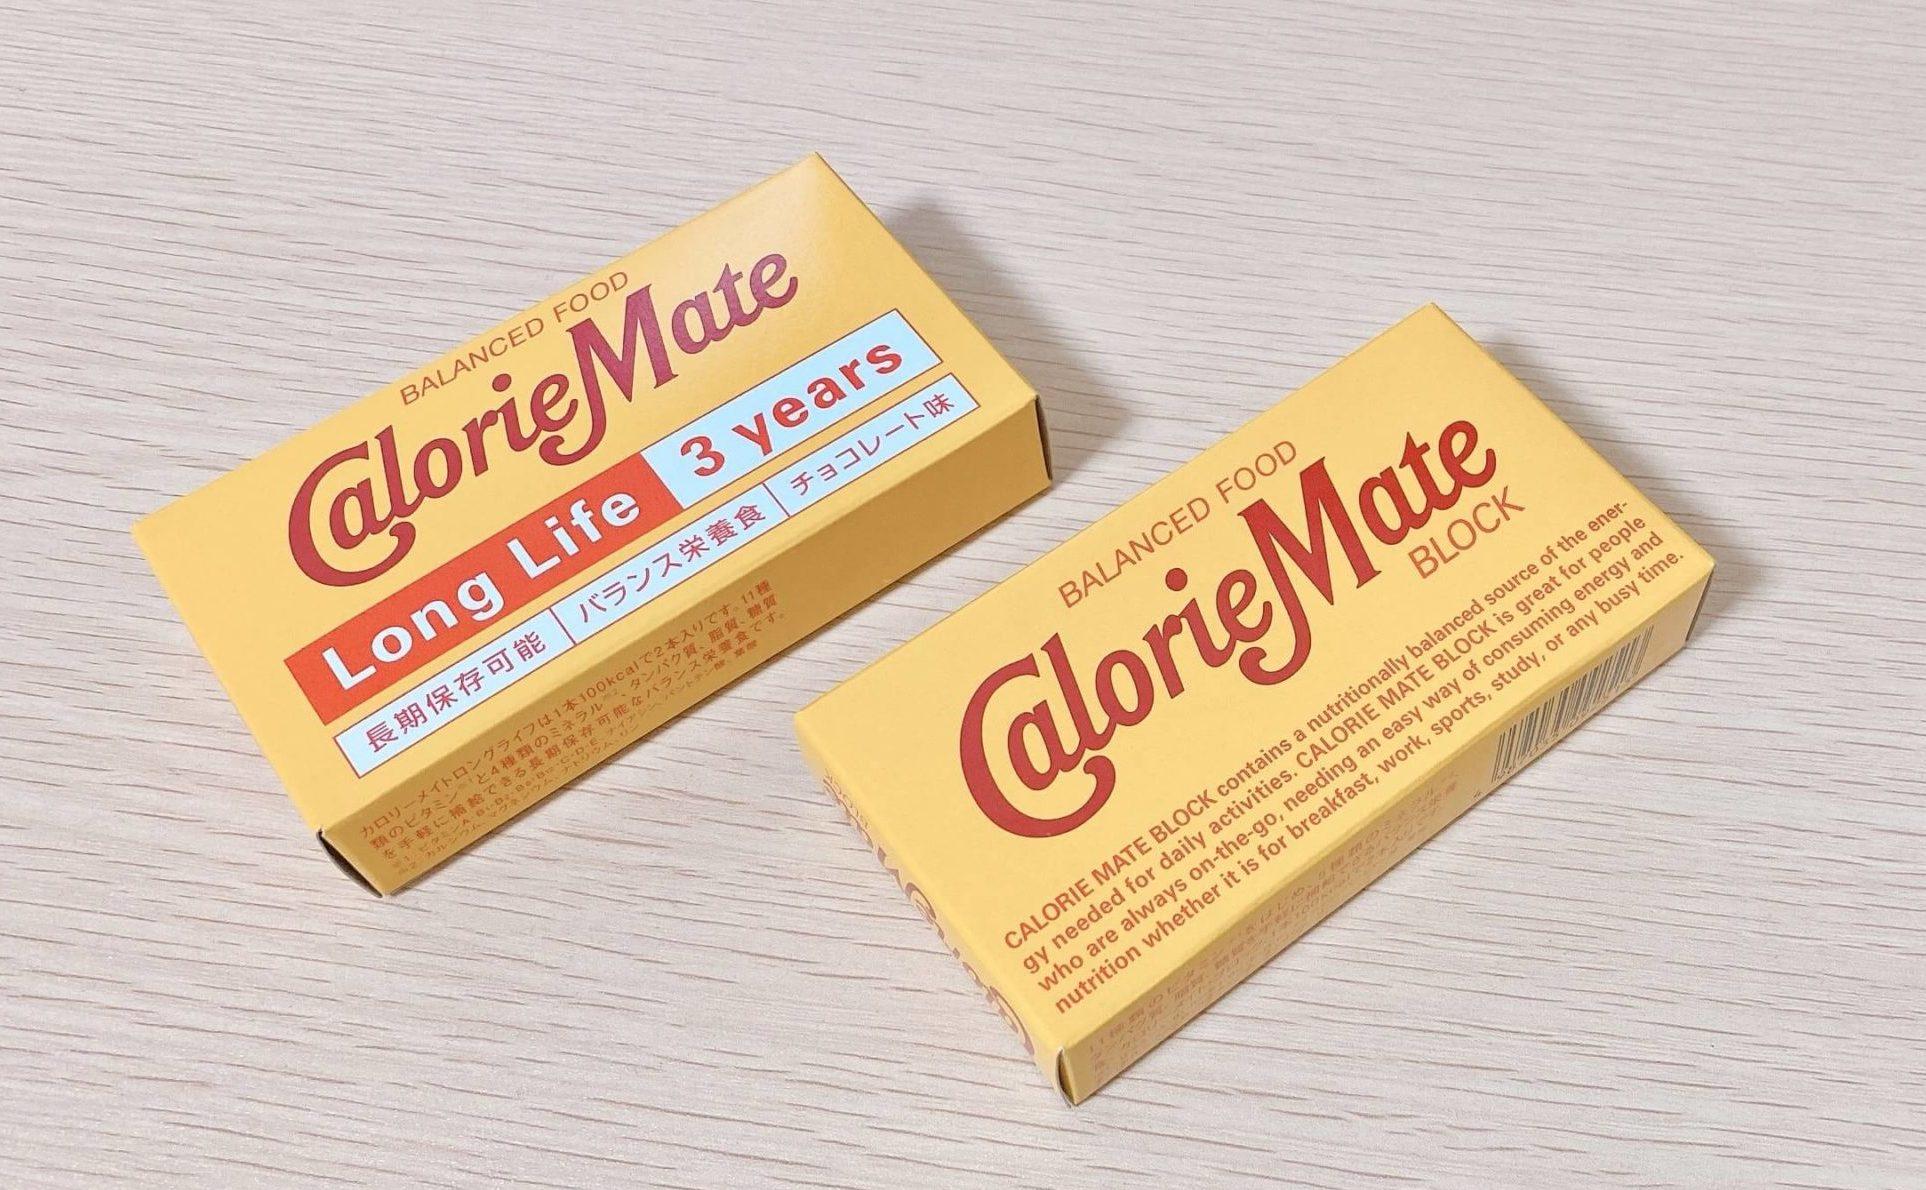 カロリーメイトロングライフの賞味期限は3年間